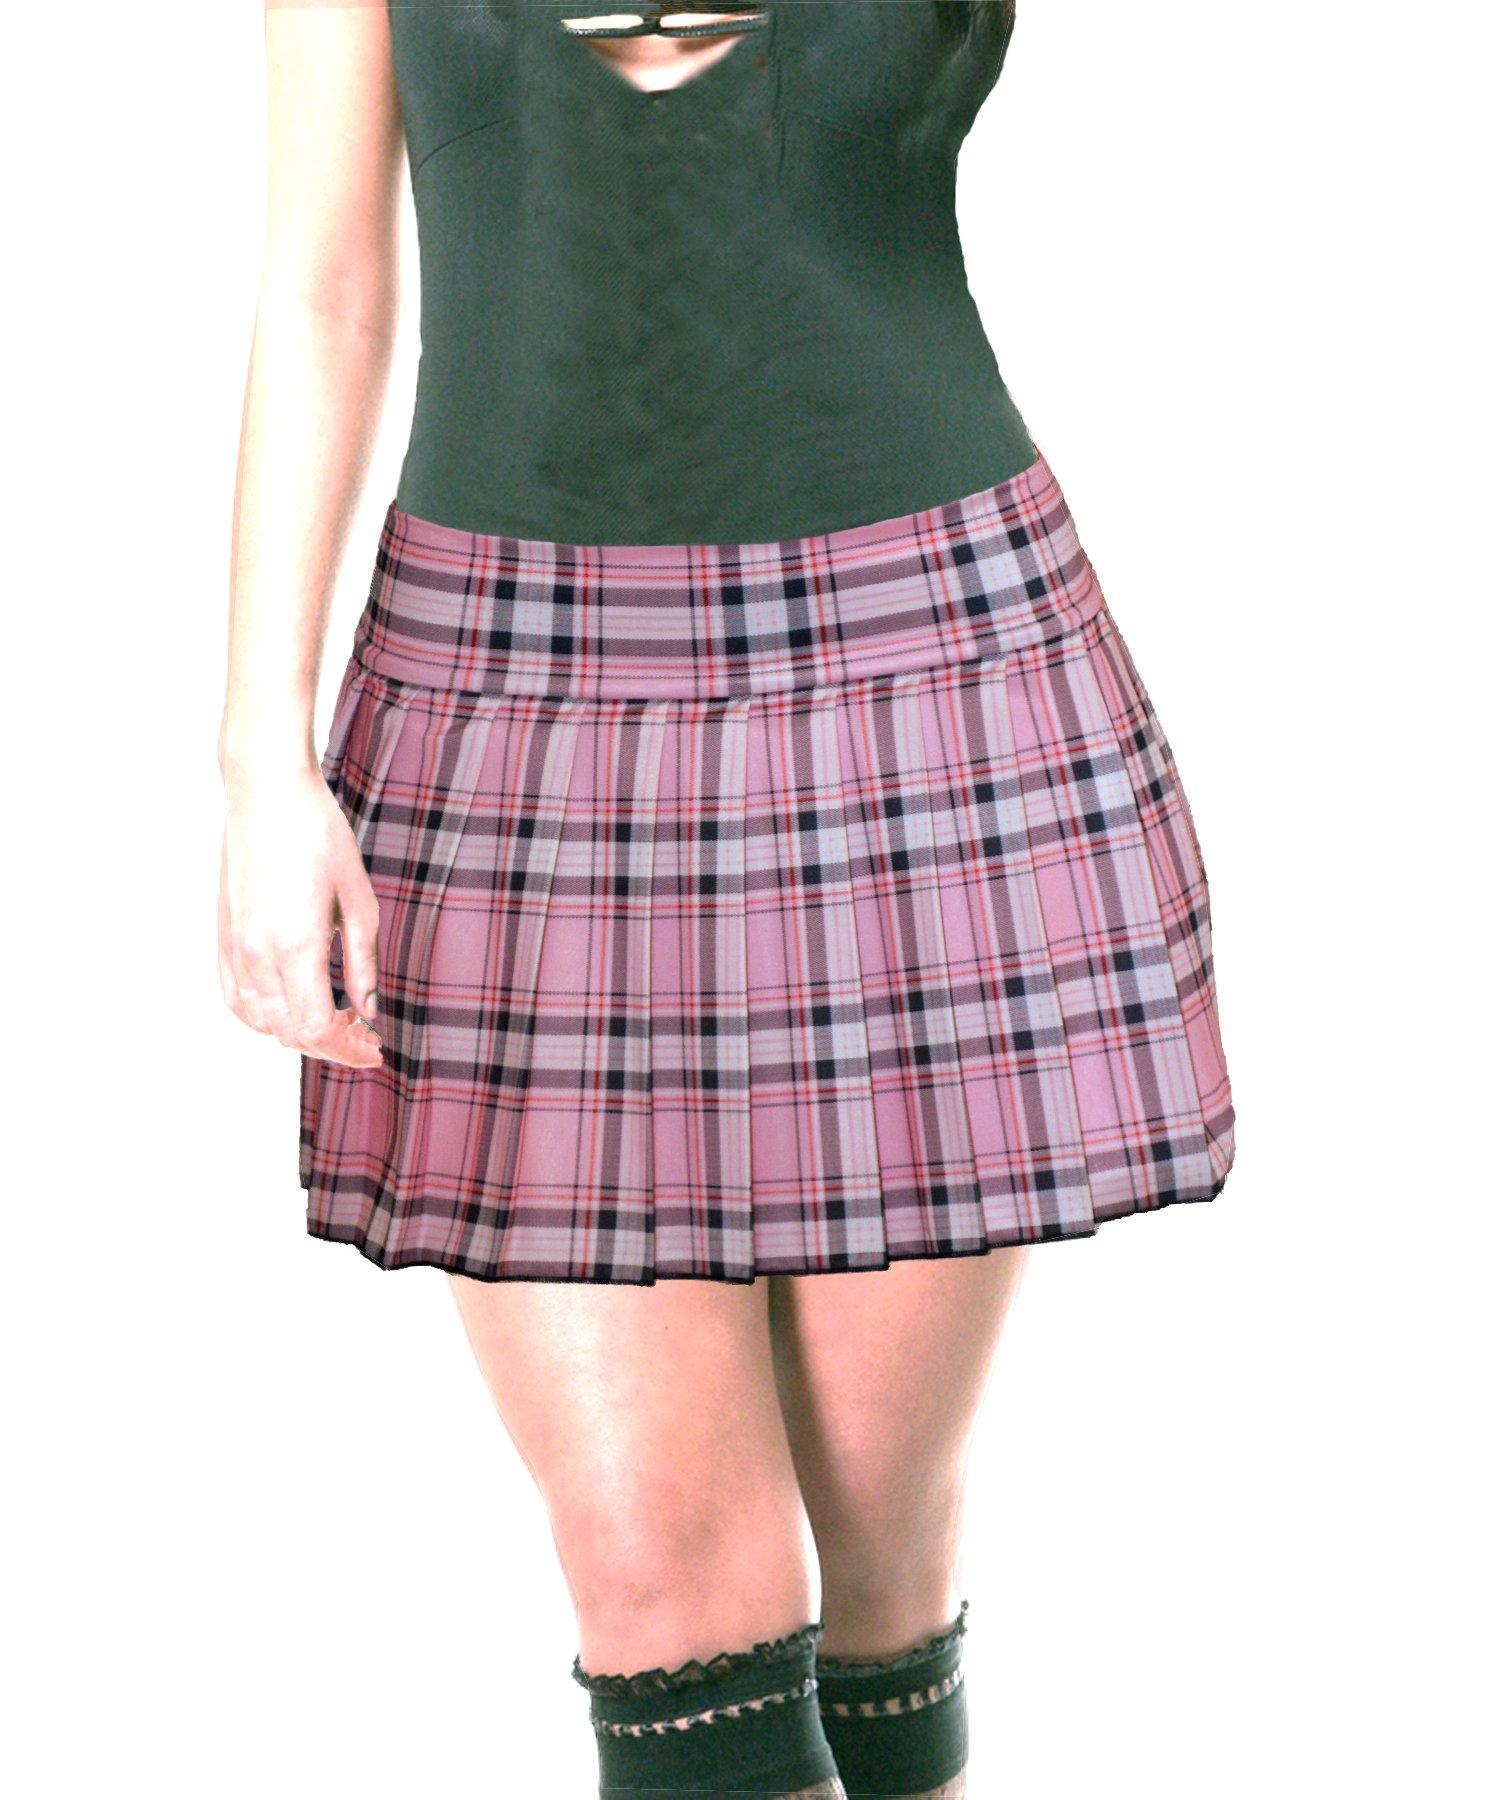 Plus Size Schoolgirl Tartan Plaid Pleated Mini Skirt Pink Stretch 5X